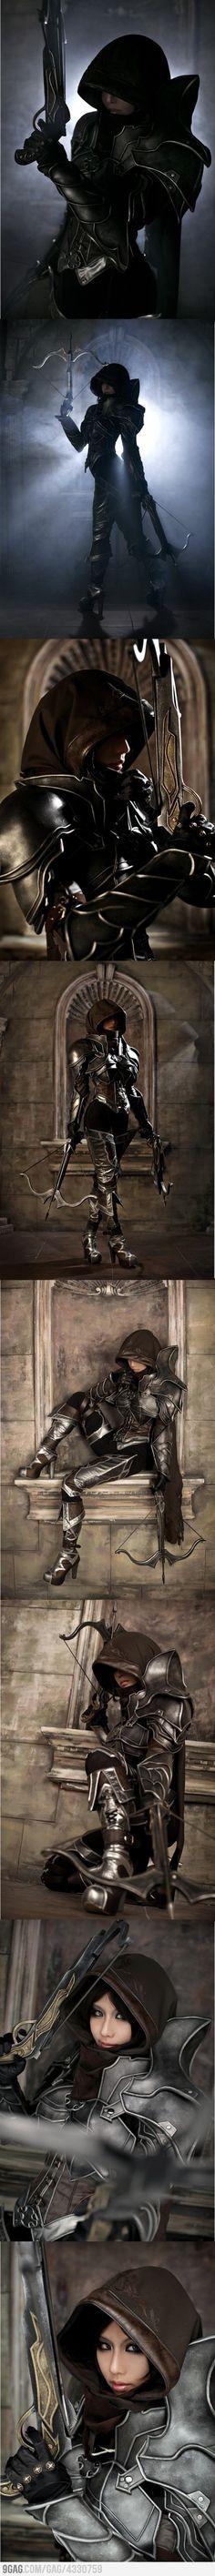 Sexiest demon hunter cosplay evarrrr. *_*